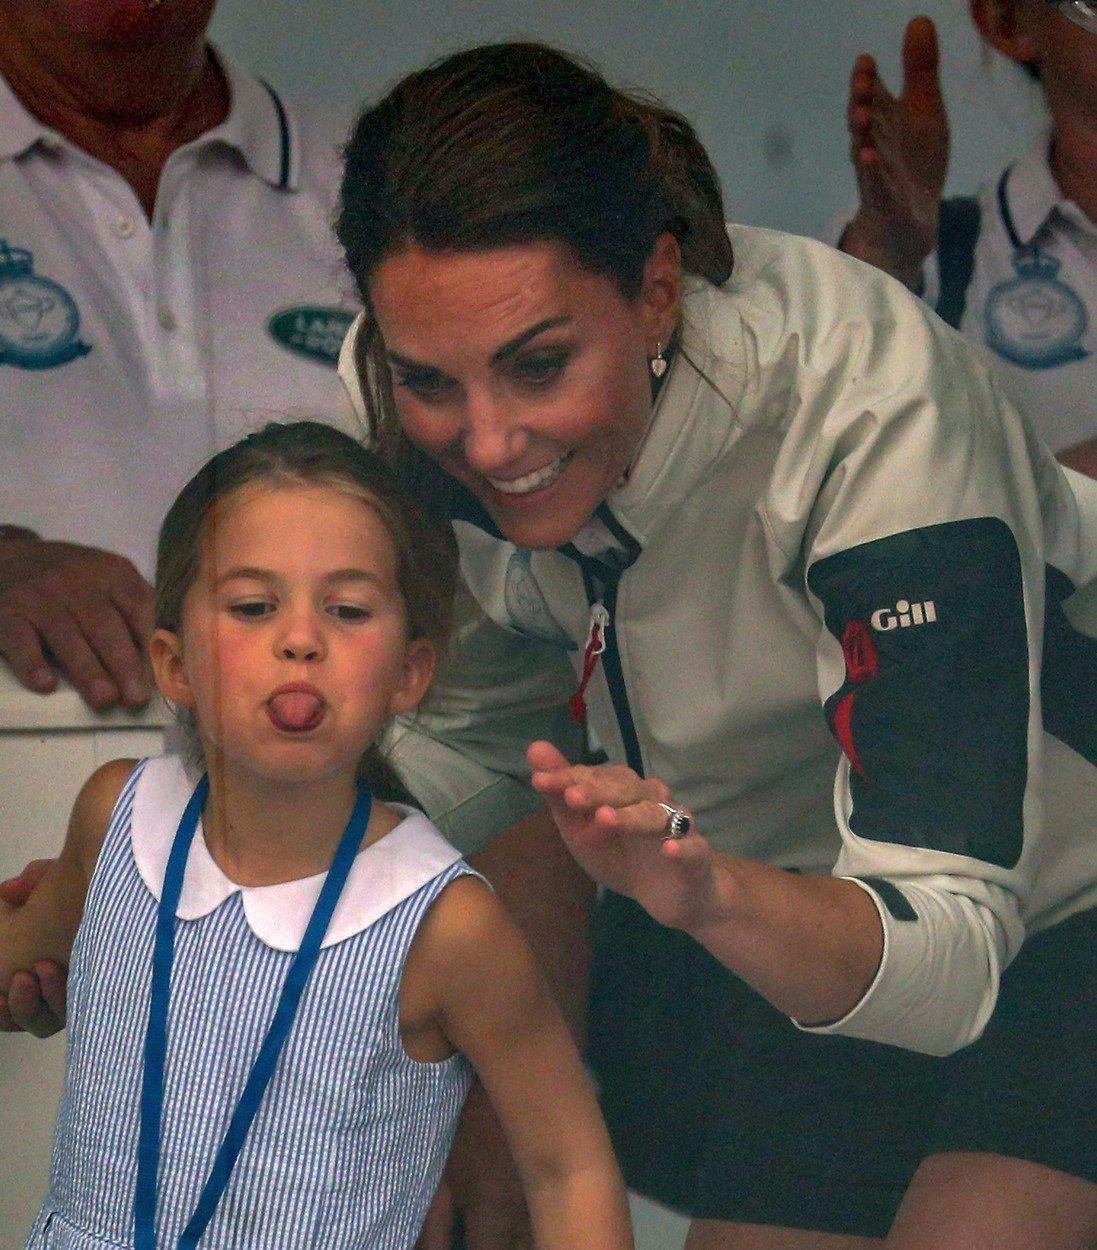 Princezna Charlotte je pěkné kvítko. Při závodě v plachtění vyplázla na fanoušky jazyk.